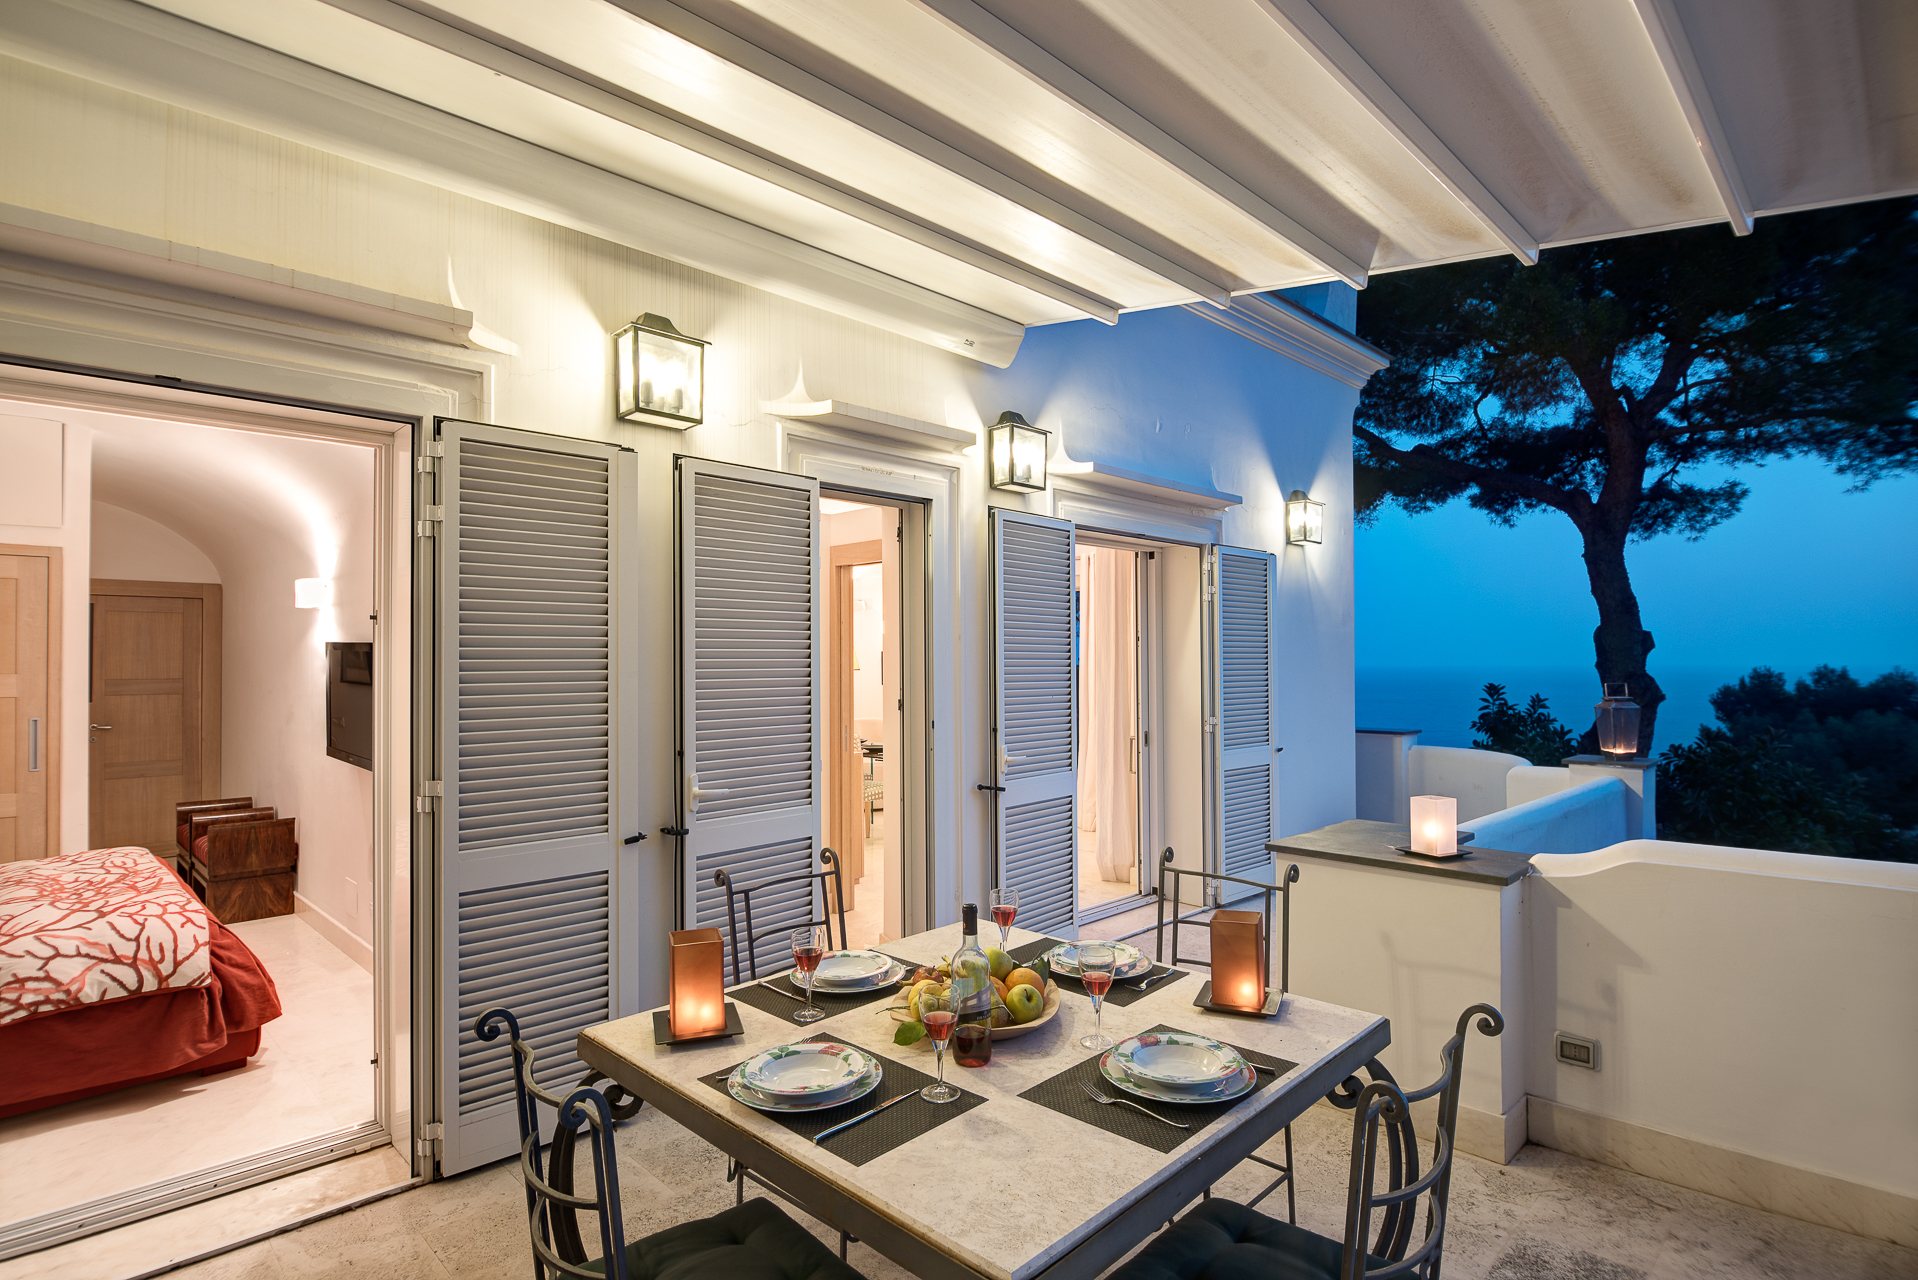 Villa Bougainvillea - Luxury Capri Villa with Views photo 19306908